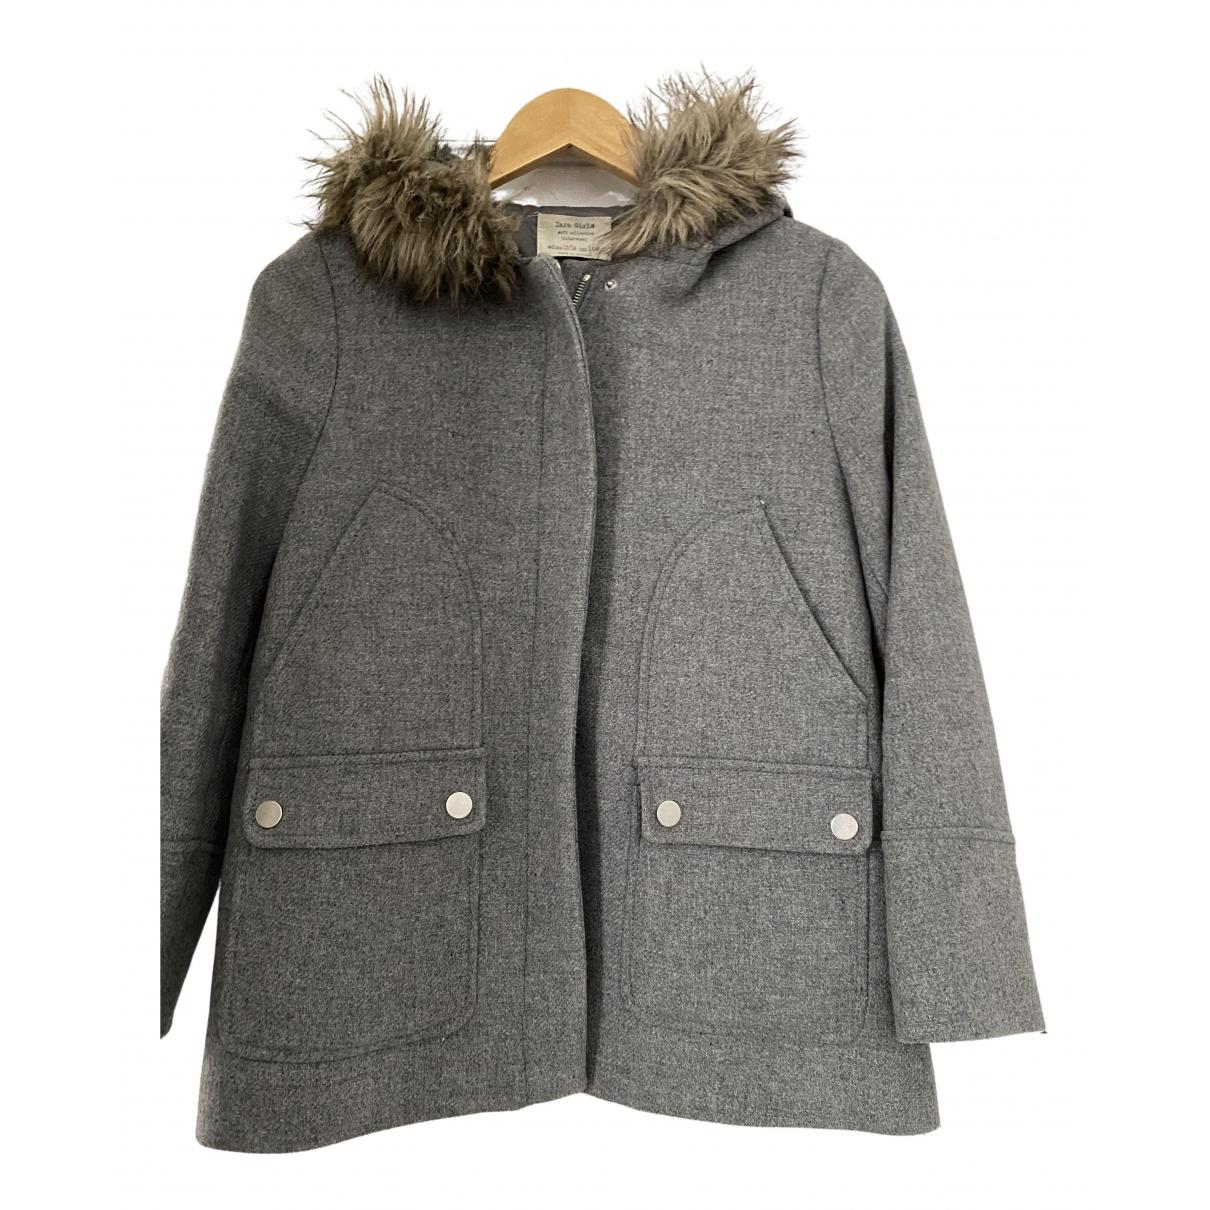 Zara - Blousons.Manteaux   pour enfant en laine - gris